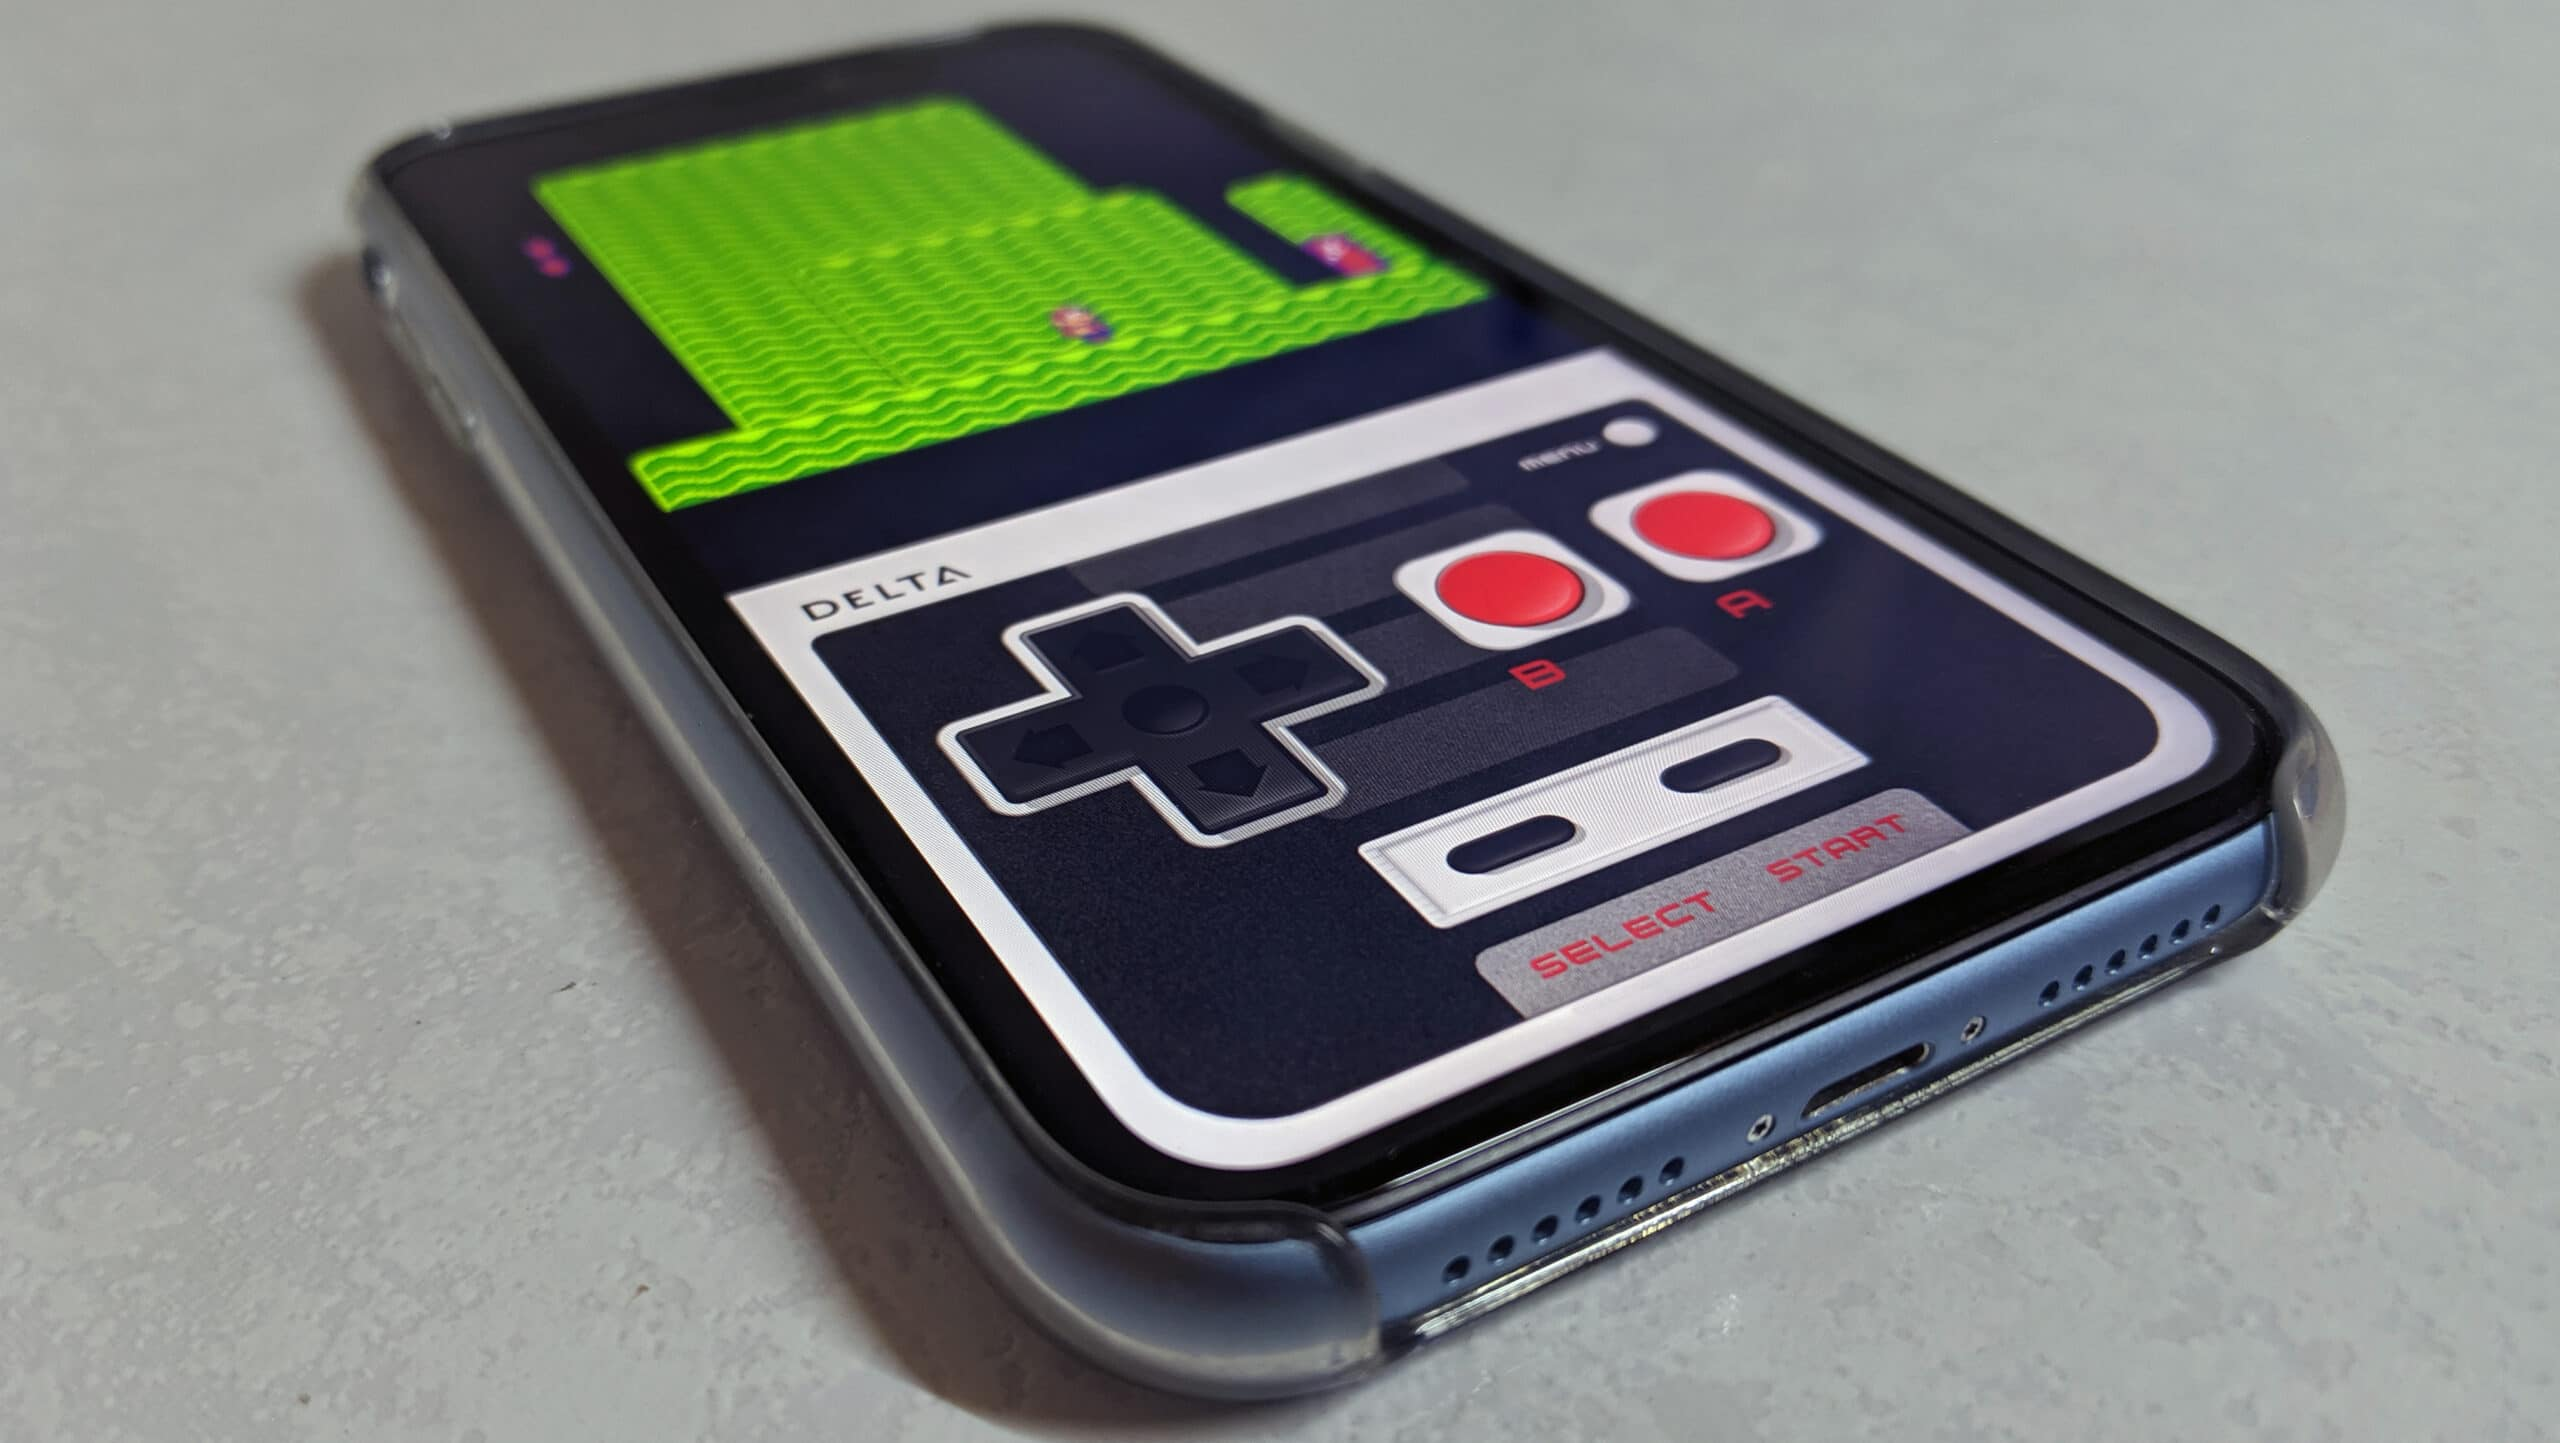 Jogo emulado no iPhone